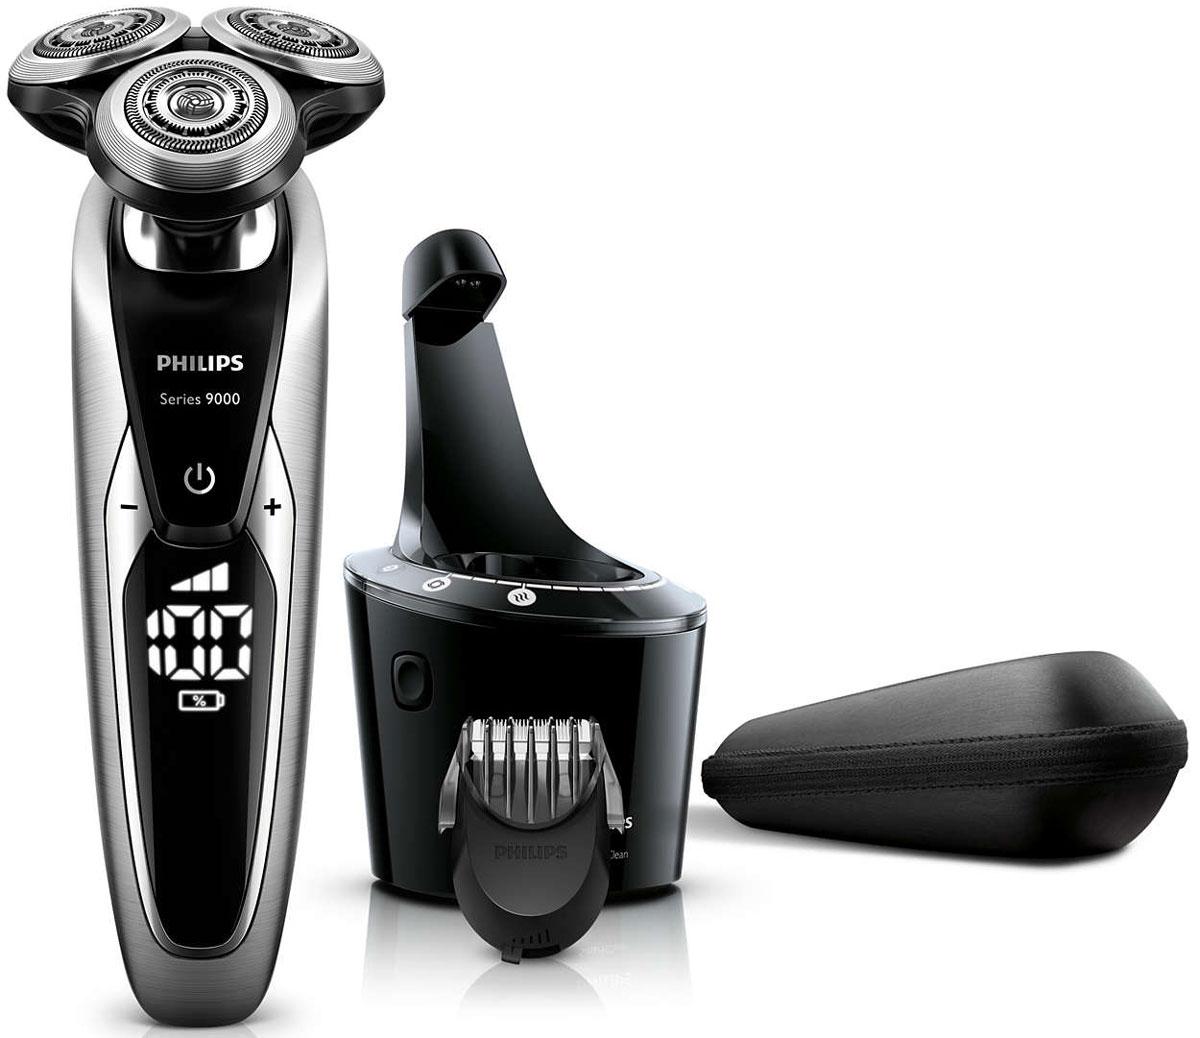 Philips S9711/31 электробритваS9711/31Запатентованные лезвия V-Track Precision электробритвы Philips S9711/31 аккуратно захватывают и направляют волоски любой длины, а также волоски, прилегающие к коже. Обеспечивает на 30 % более гладкое и быстрое бритье, чтобы ваша кожа всегда выглядела безупречно. Новые гибкие головки вращаются в 8 направлениях, максимально точно повторяя контуры лица и требуя меньше усилий при каждом движении. Головки, двигающиеся независимо от бритвенного элемента, захватывают на 20 % больше волосков и обеспечивают более чистое бритье при меньшем количестве движений. Встроенная система двойных лезвий электрической бритвы Philips S9711/31 приподнимает волоски, сбривая их максимально близко к поверхности кожи, что обеспечивает более чистое бритье. Настройки для комфортного бритья позволяют задать ваши личные предпочтения. Вы можете выбрать один из 3 режимов: бережный для аккуратного и тщательного бритья чувствительной кожи, обычный для тщательного бритья изо дня в день и быстрый,...